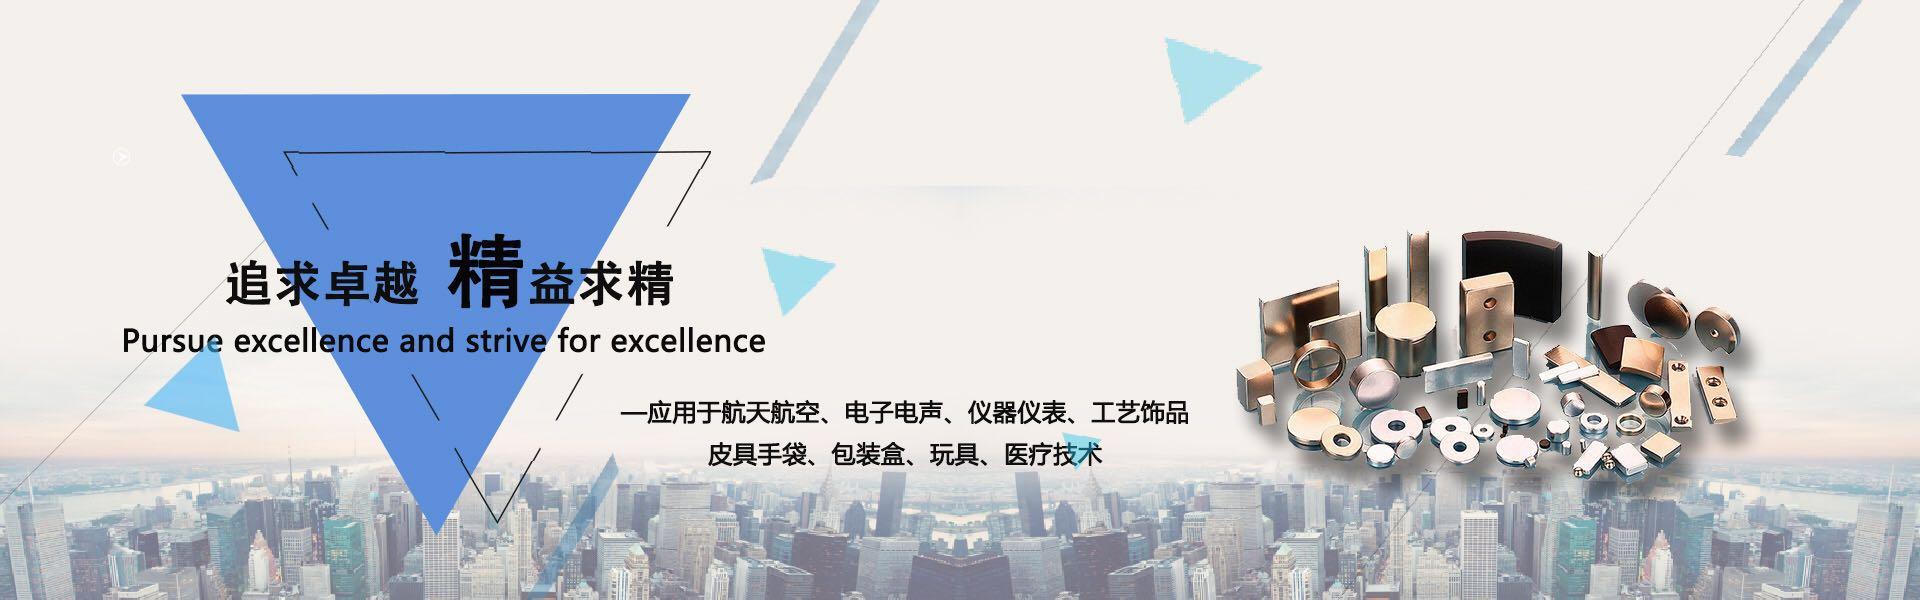 惠州市玉鑫磁业科技有限公司